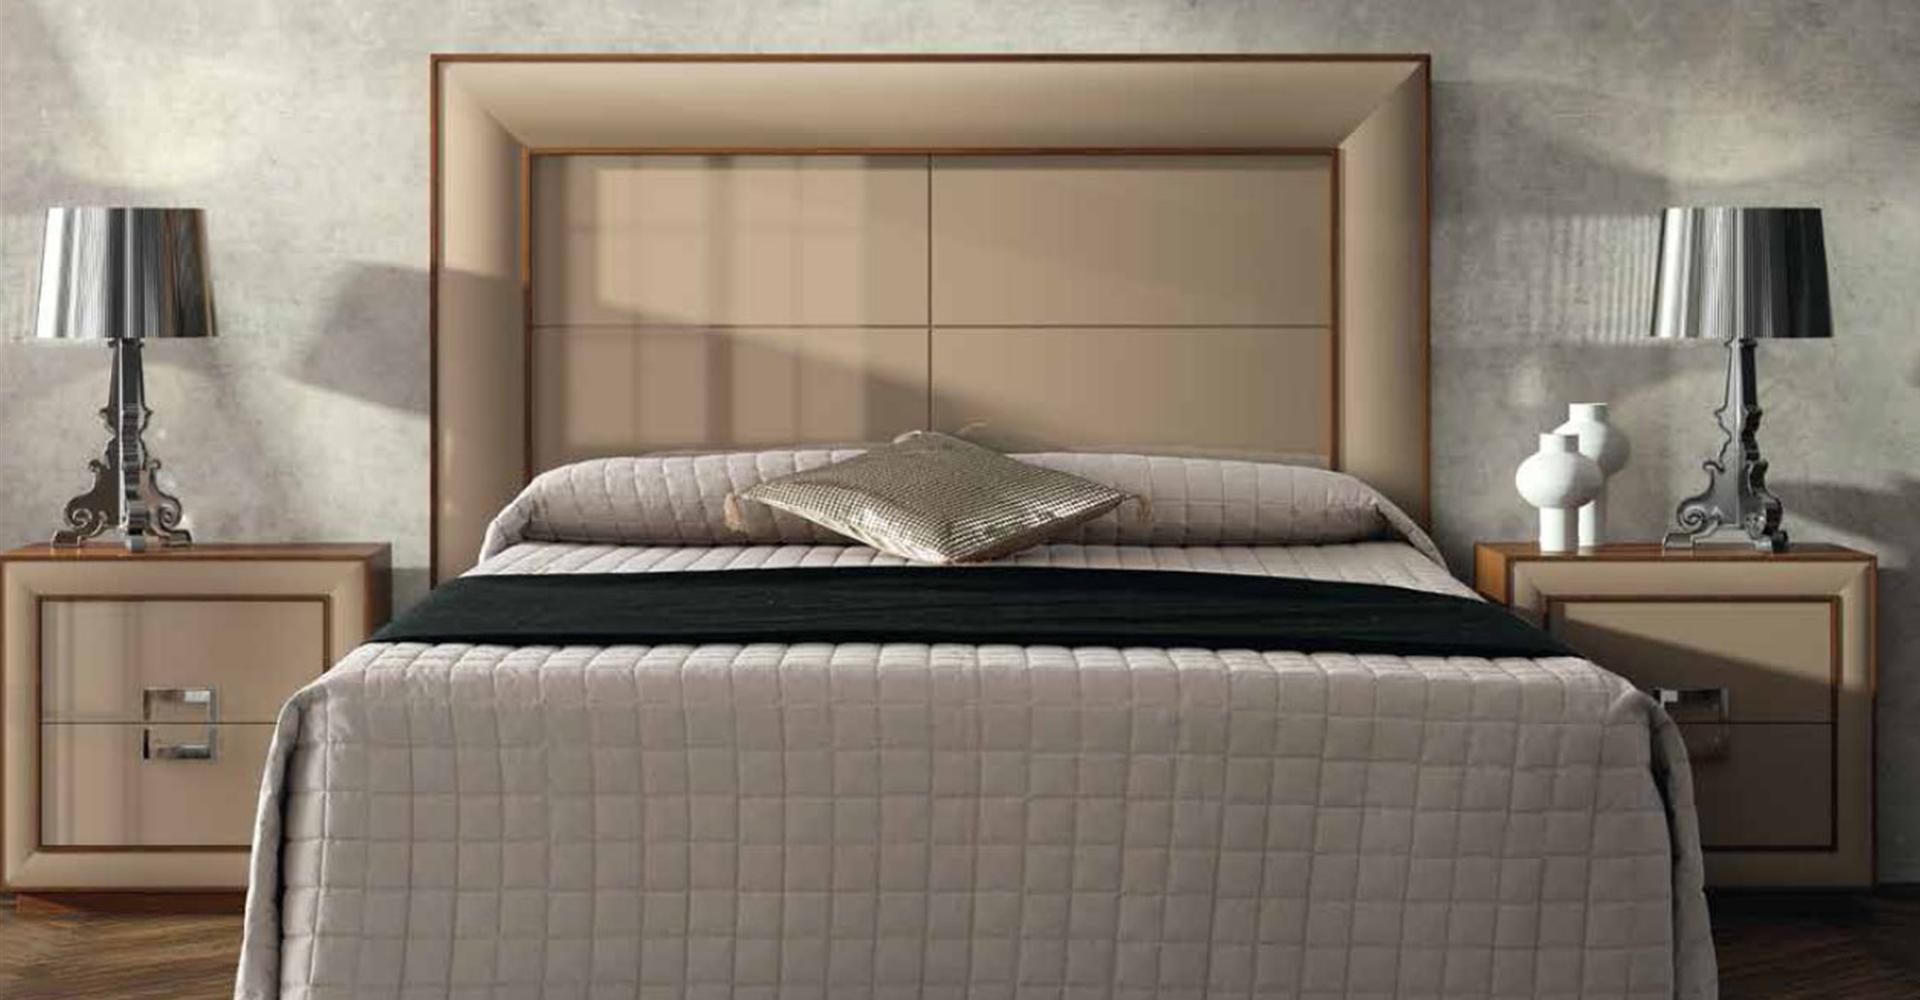 dormitorio de estilo contemporaneo (63)